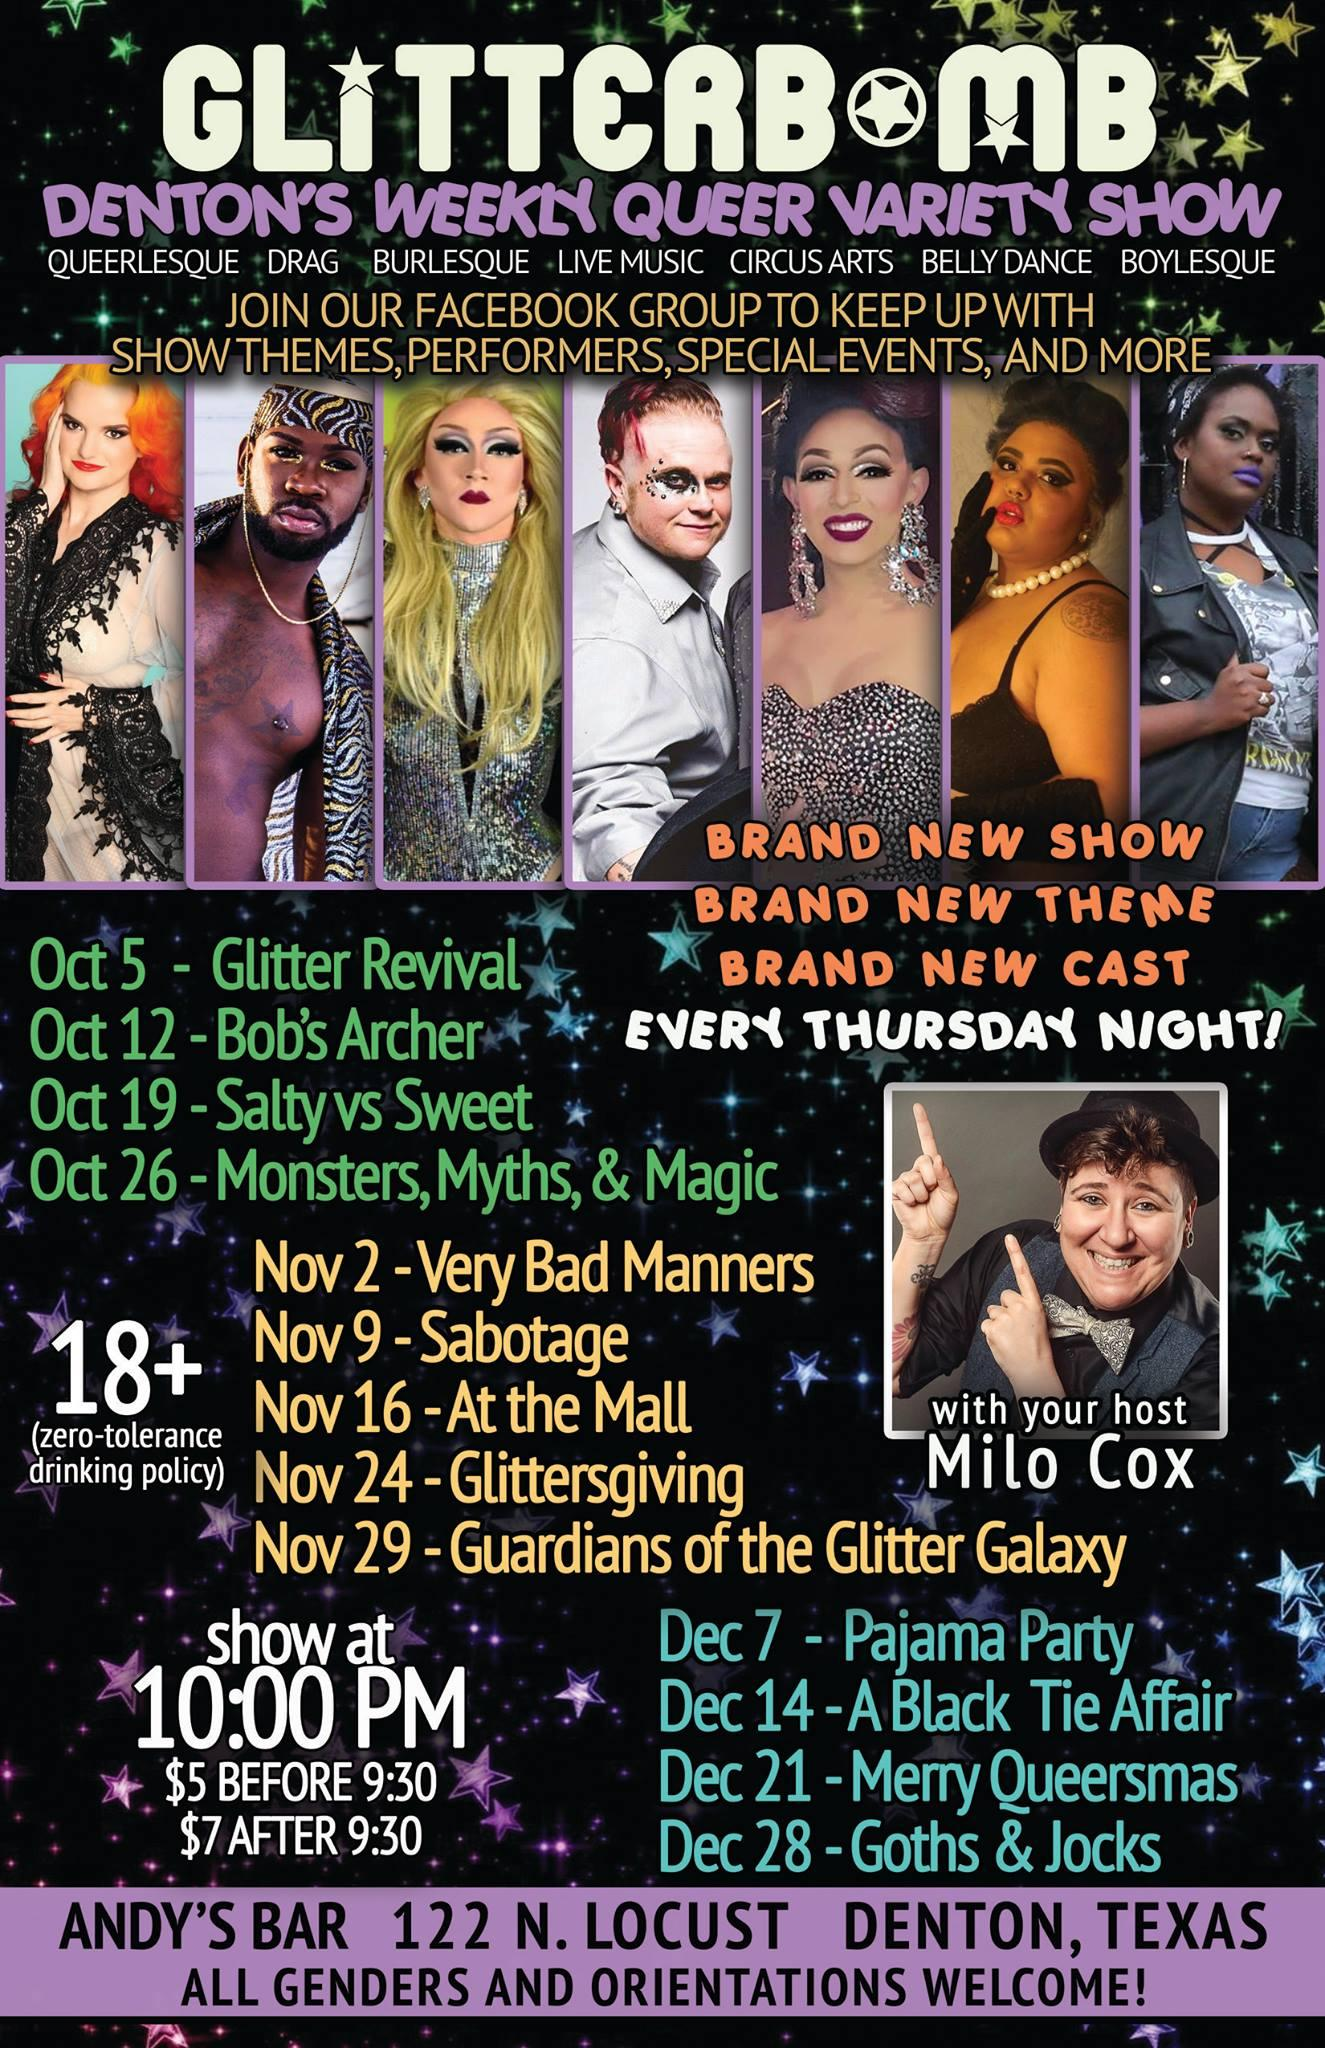 Glitterbomb: Goths and Jocks